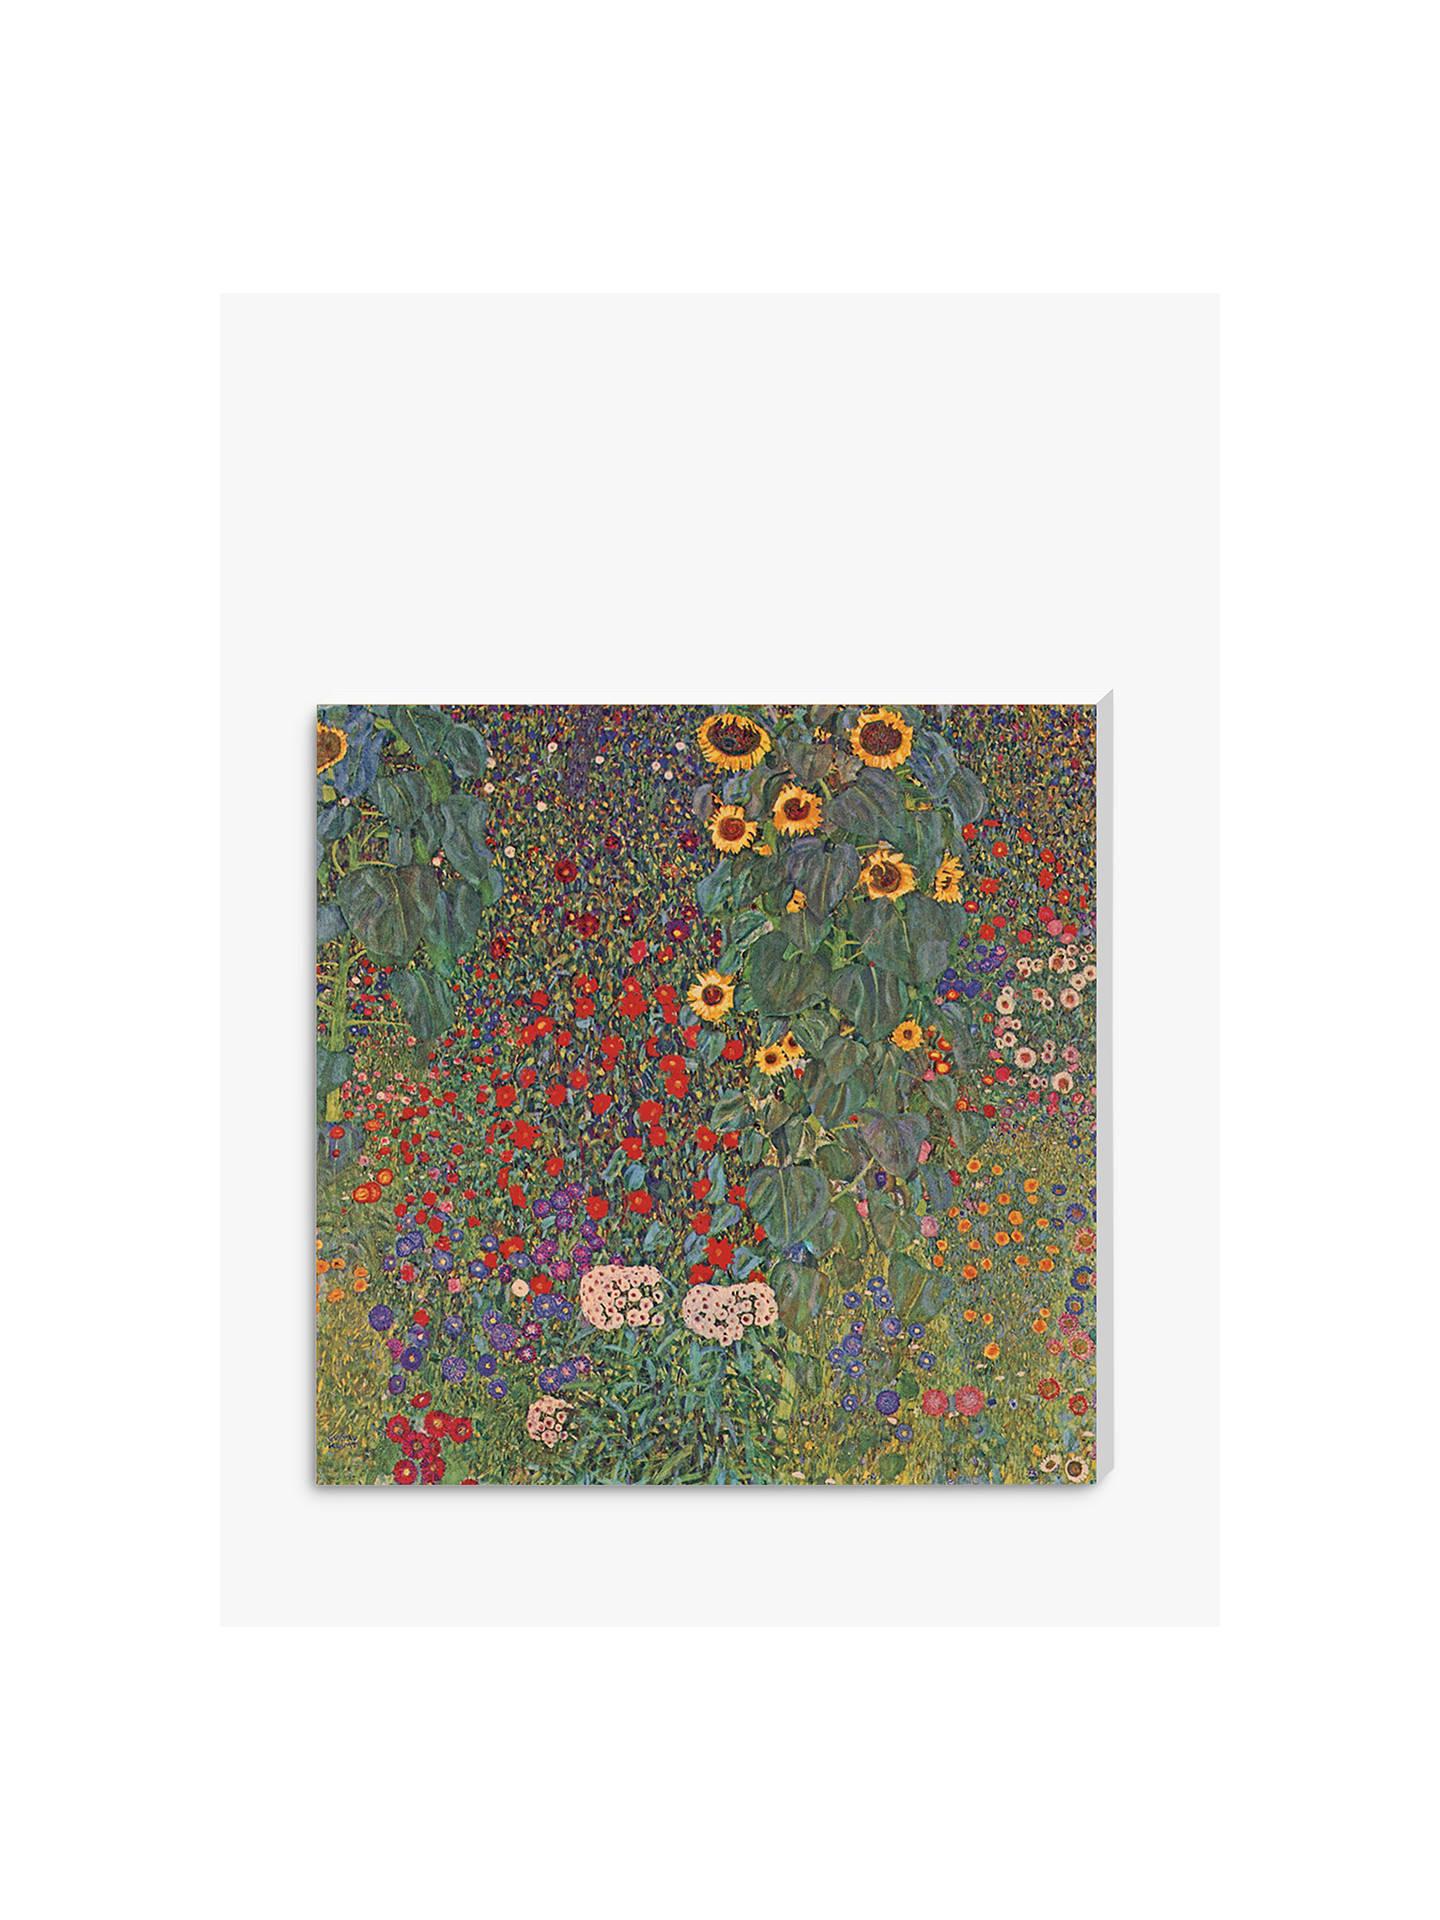 BuyGustav Klimt - Farm Garden with Sunflowers, Stretched Canvas, 40 x 40cm  Online at